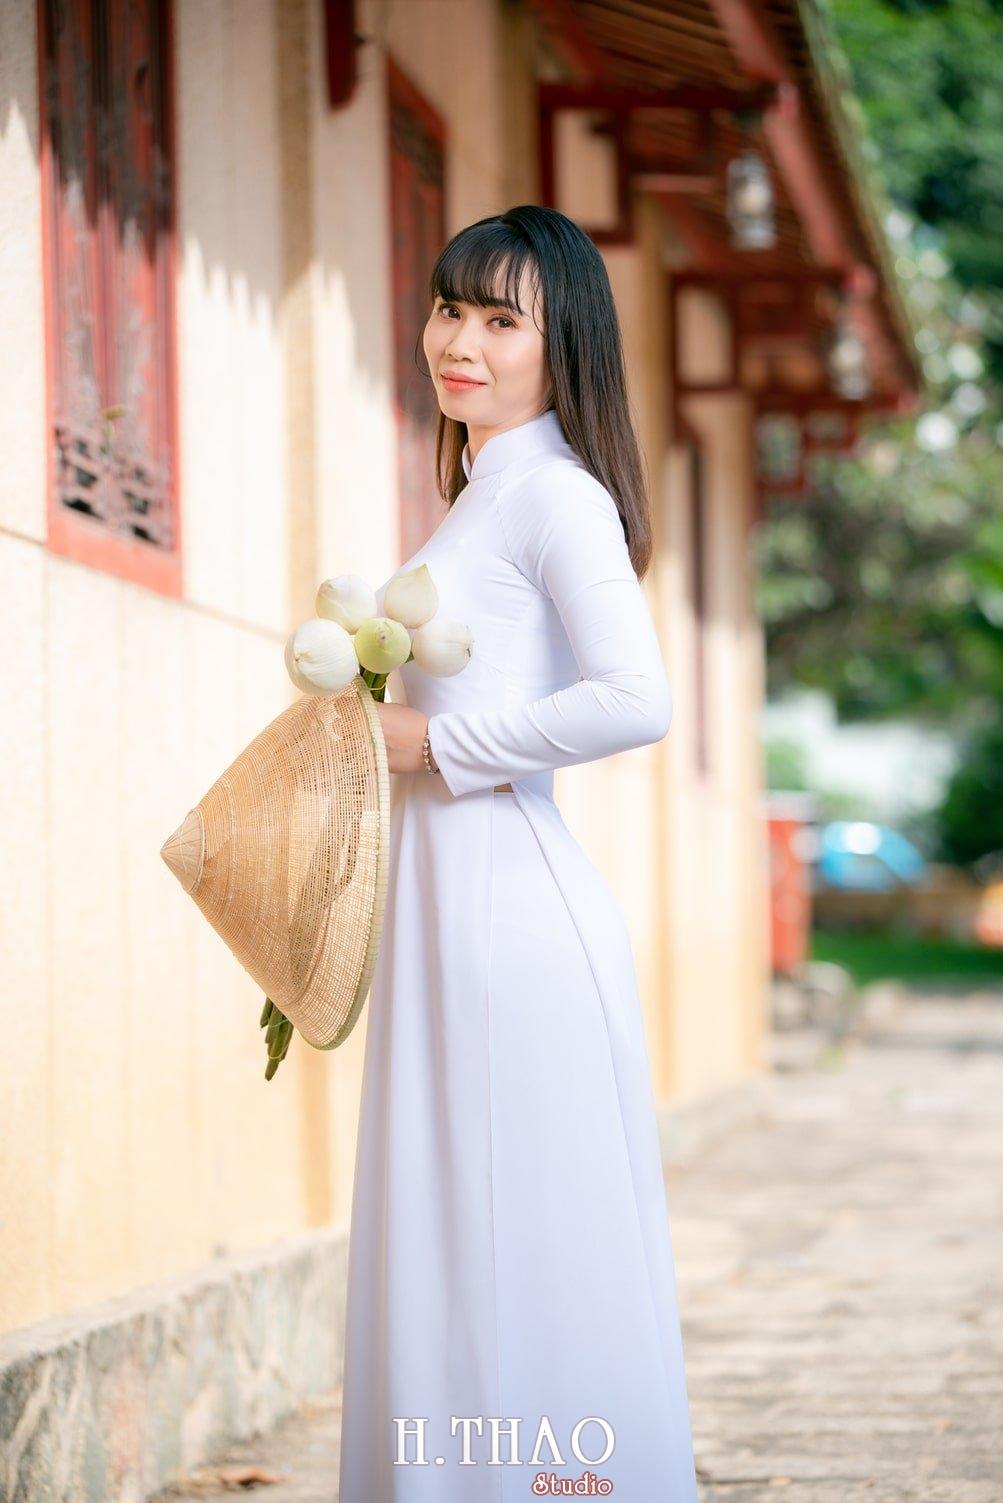 Ao dai viet nam 2 - Báo giá chụp ảnh áo dài trọn gói tại Tp.HCM - HThao Studio